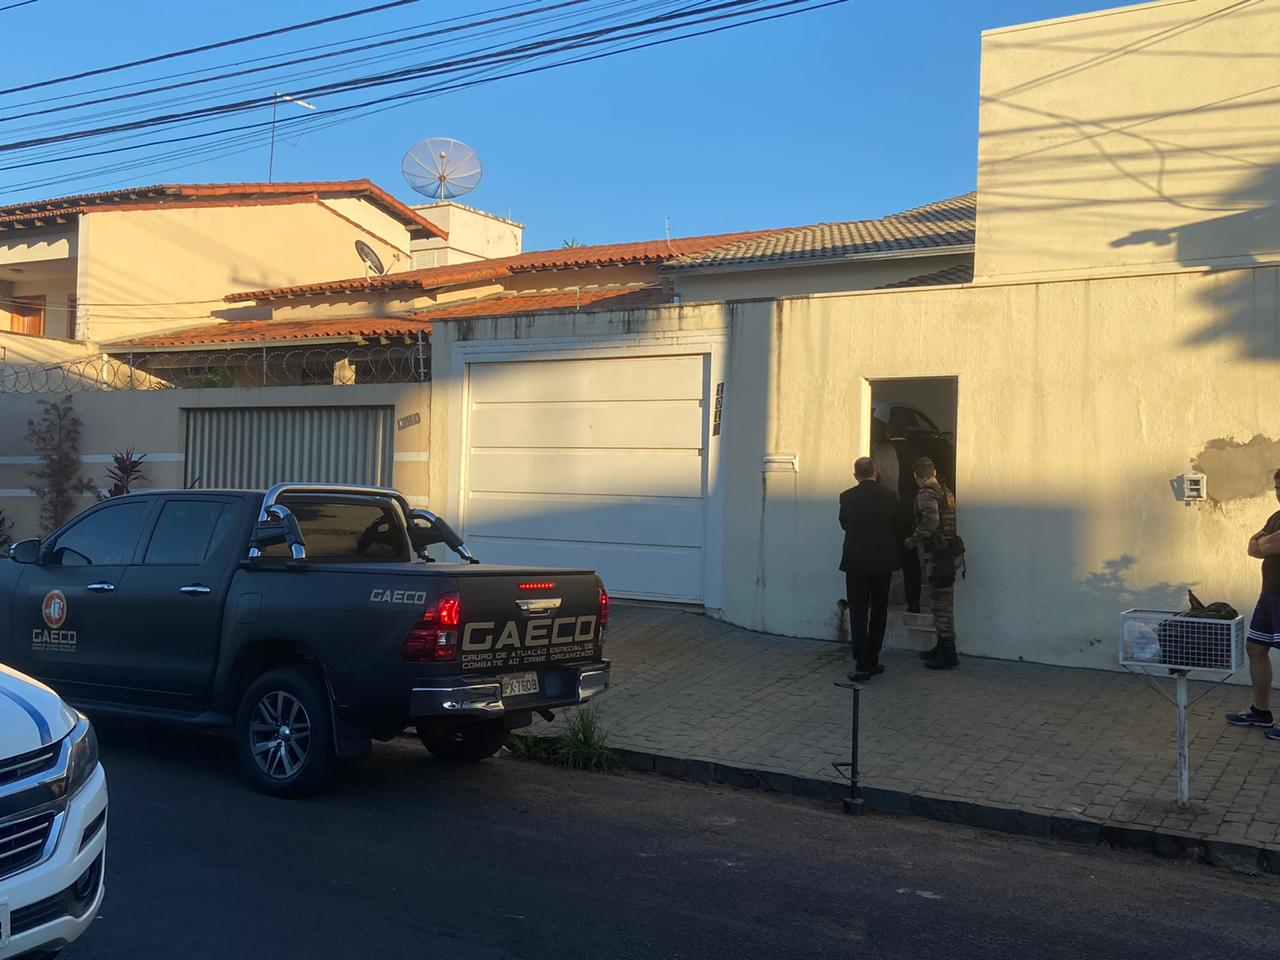 Vinte vereadores suspeitos de corrupção têm prisões decretadas em Uberlândia